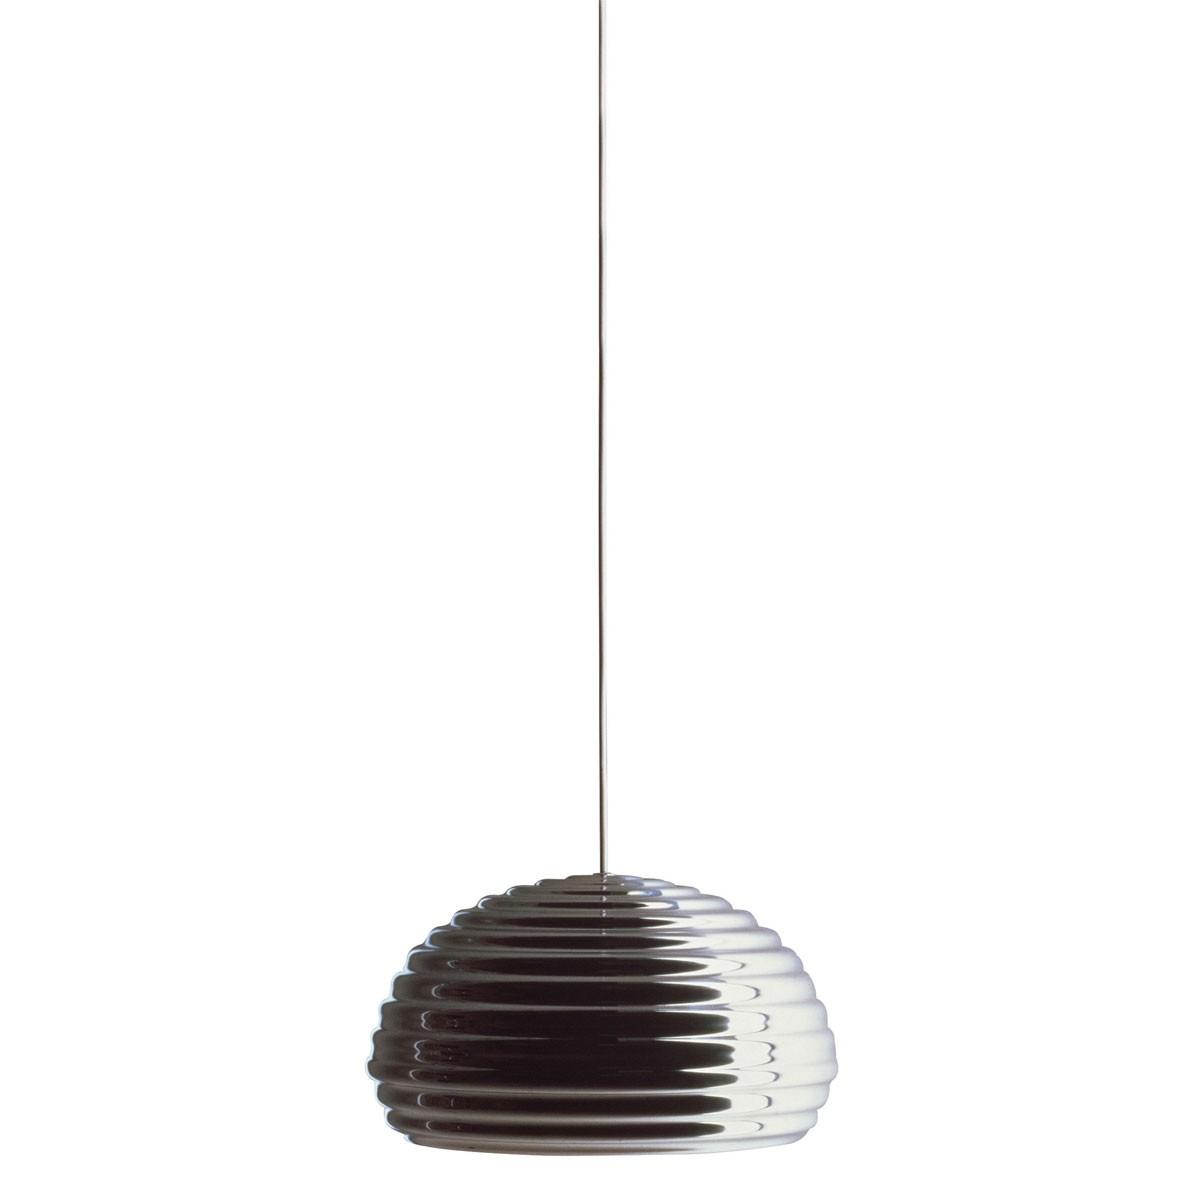 mid2mod achille castiglioni. Black Bedroom Furniture Sets. Home Design Ideas